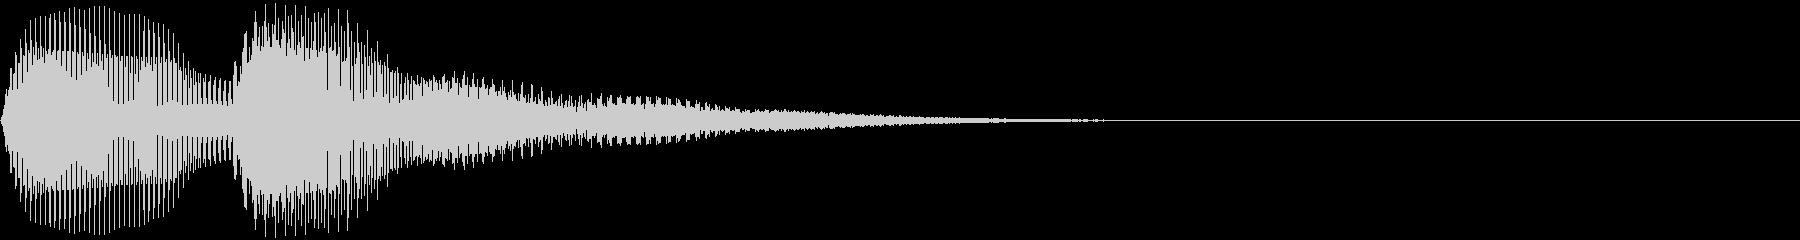 パフッン(ボタン音・クリック音・操作音)の未再生の波形